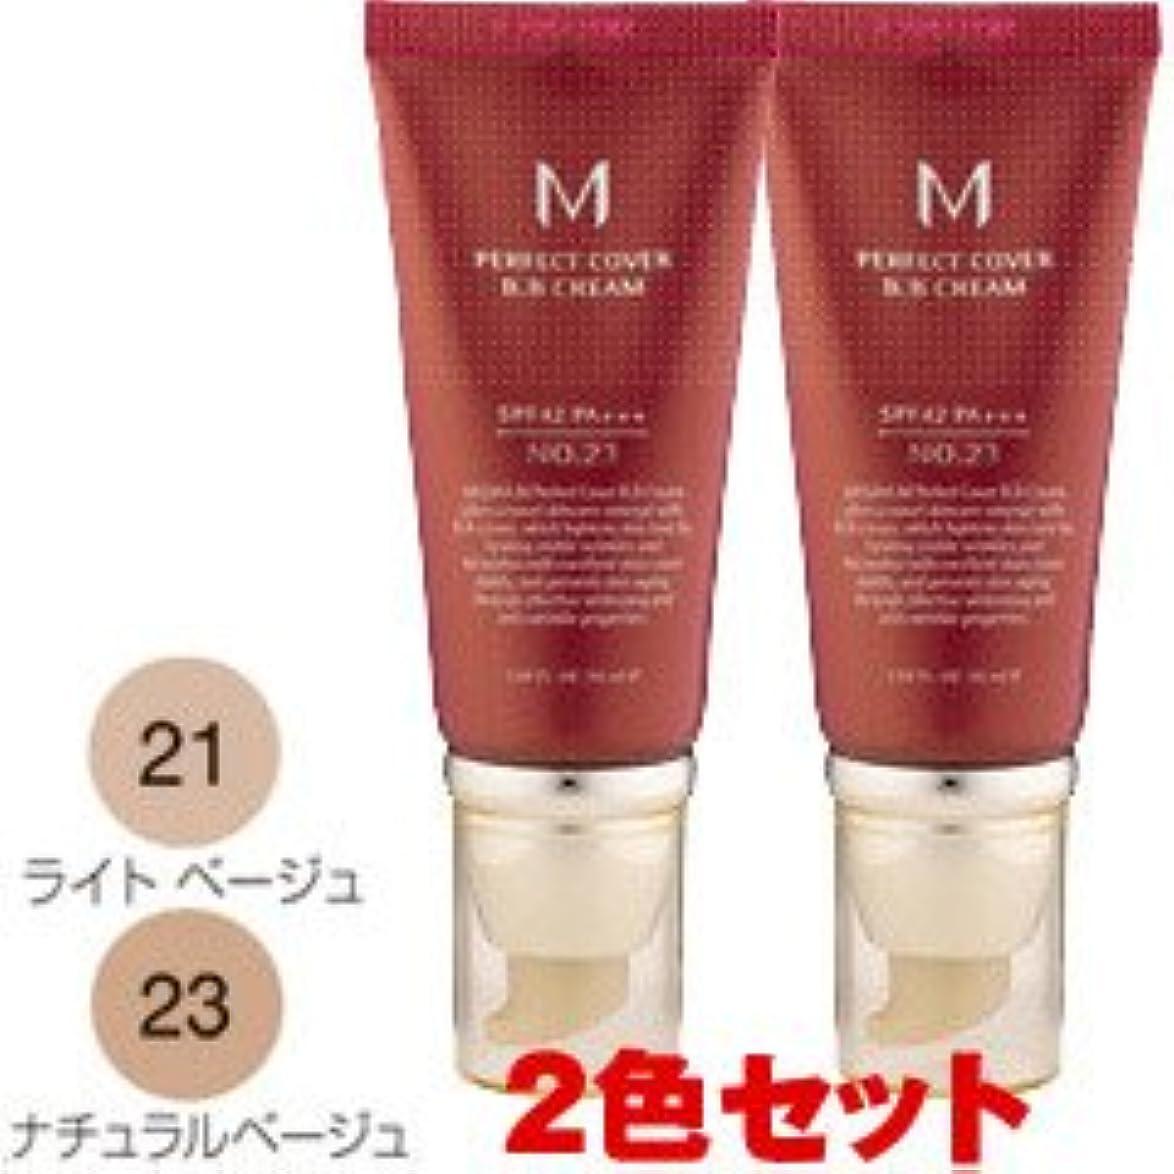 エリートゆりかごチキンMissha(ミシャ) M BBクリーム UV SPF42 PA+++ #21 と #23 の2色セット 50ml×2個セット [並行輸入品][海外直送品]